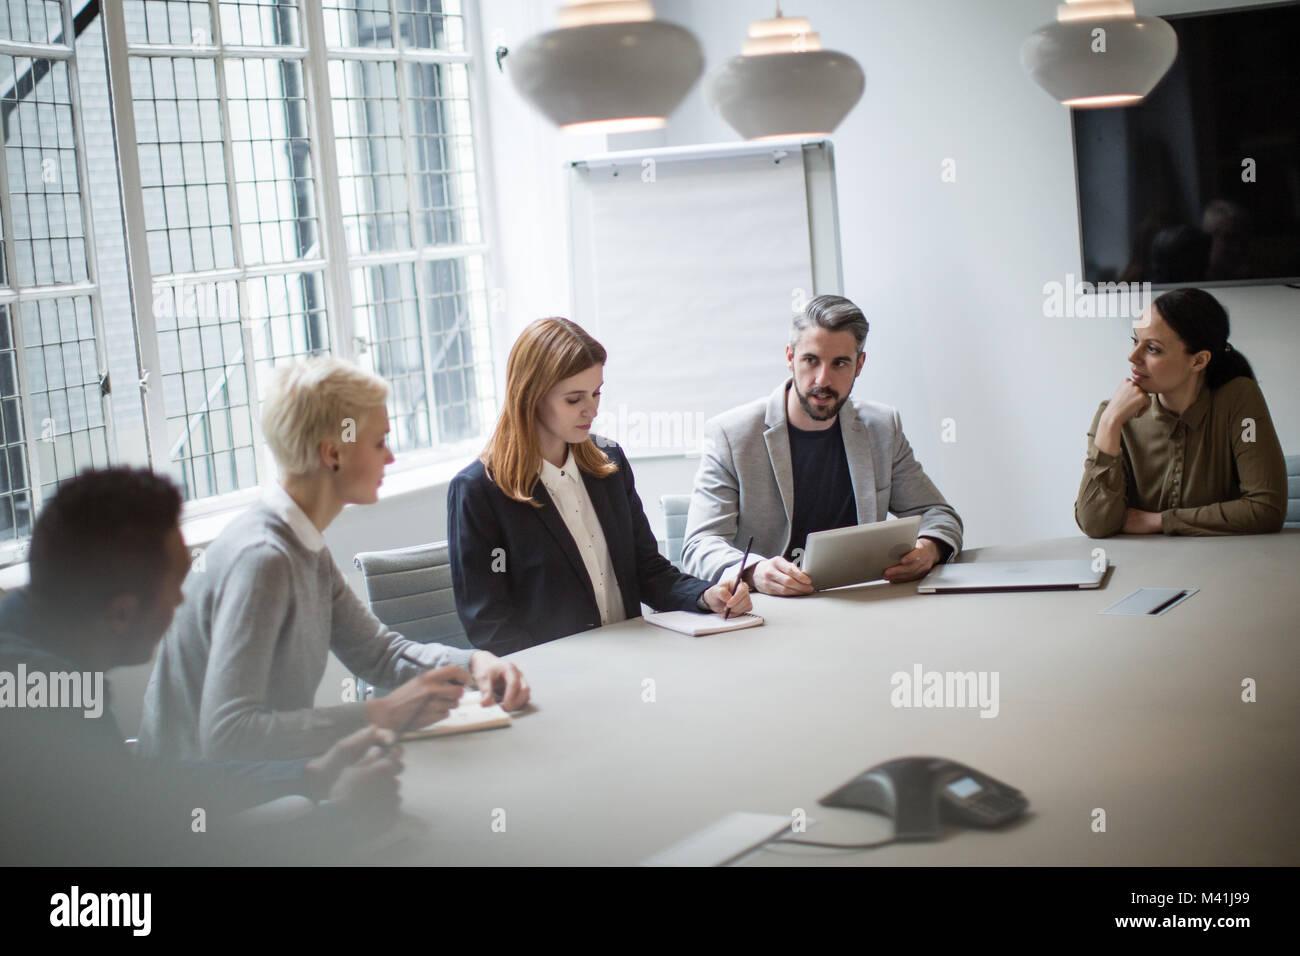 Maschio di business executive che conduce a una riunione Immagini Stock